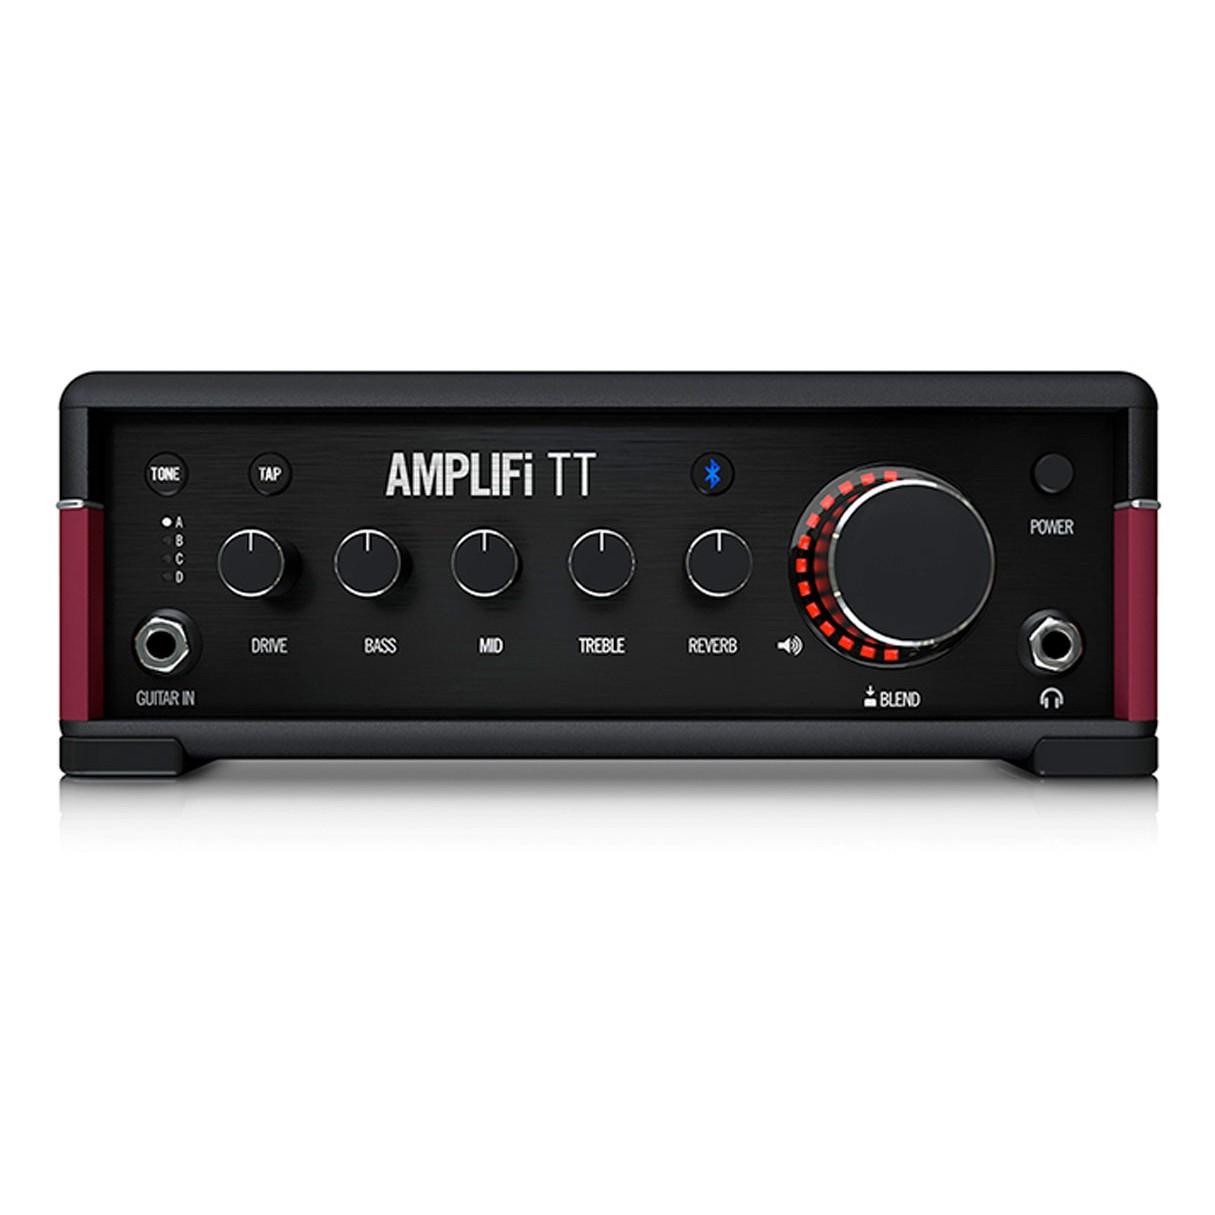 line 6 amplifi tt. Black Bedroom Furniture Sets. Home Design Ideas